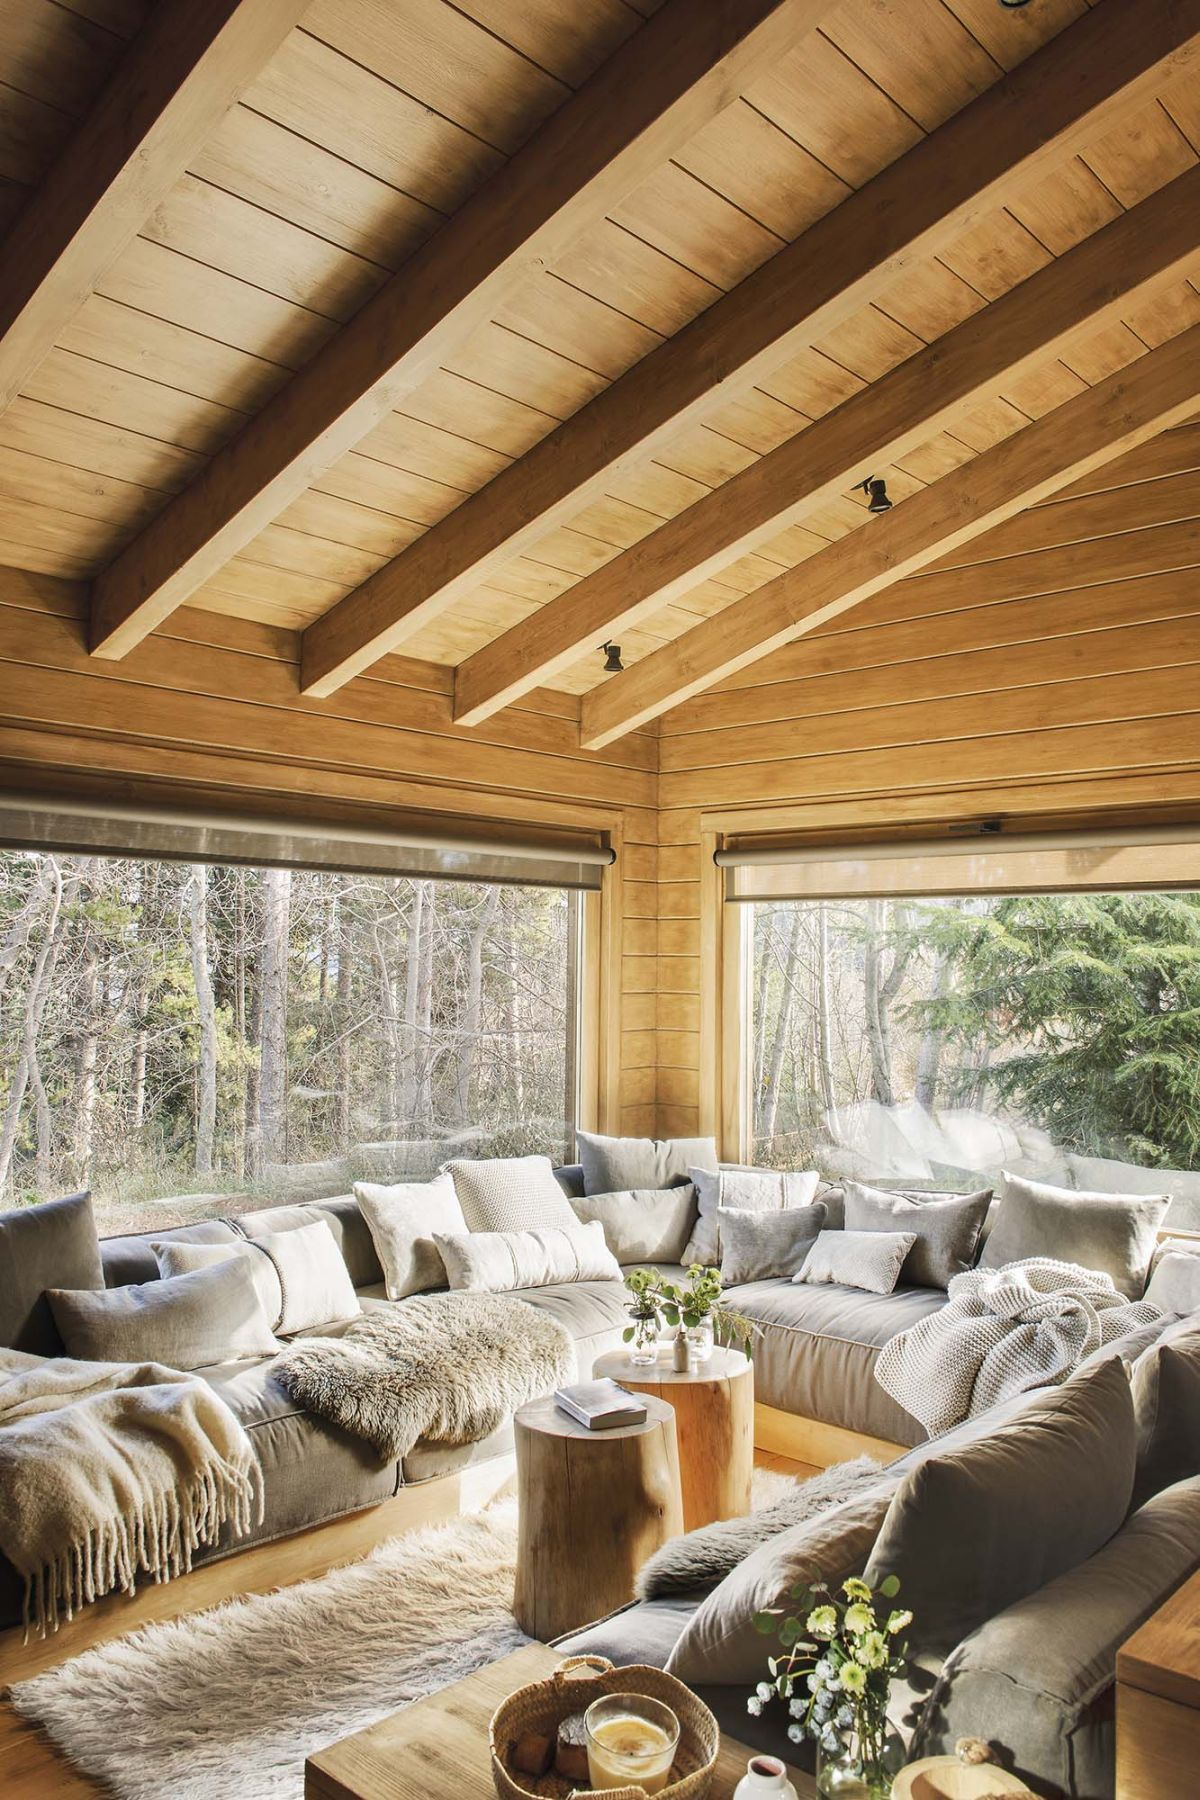 Rustikale Wohnzimmer Dekor Ideen inspiriert von gemütlichen Berghütten – Archi…